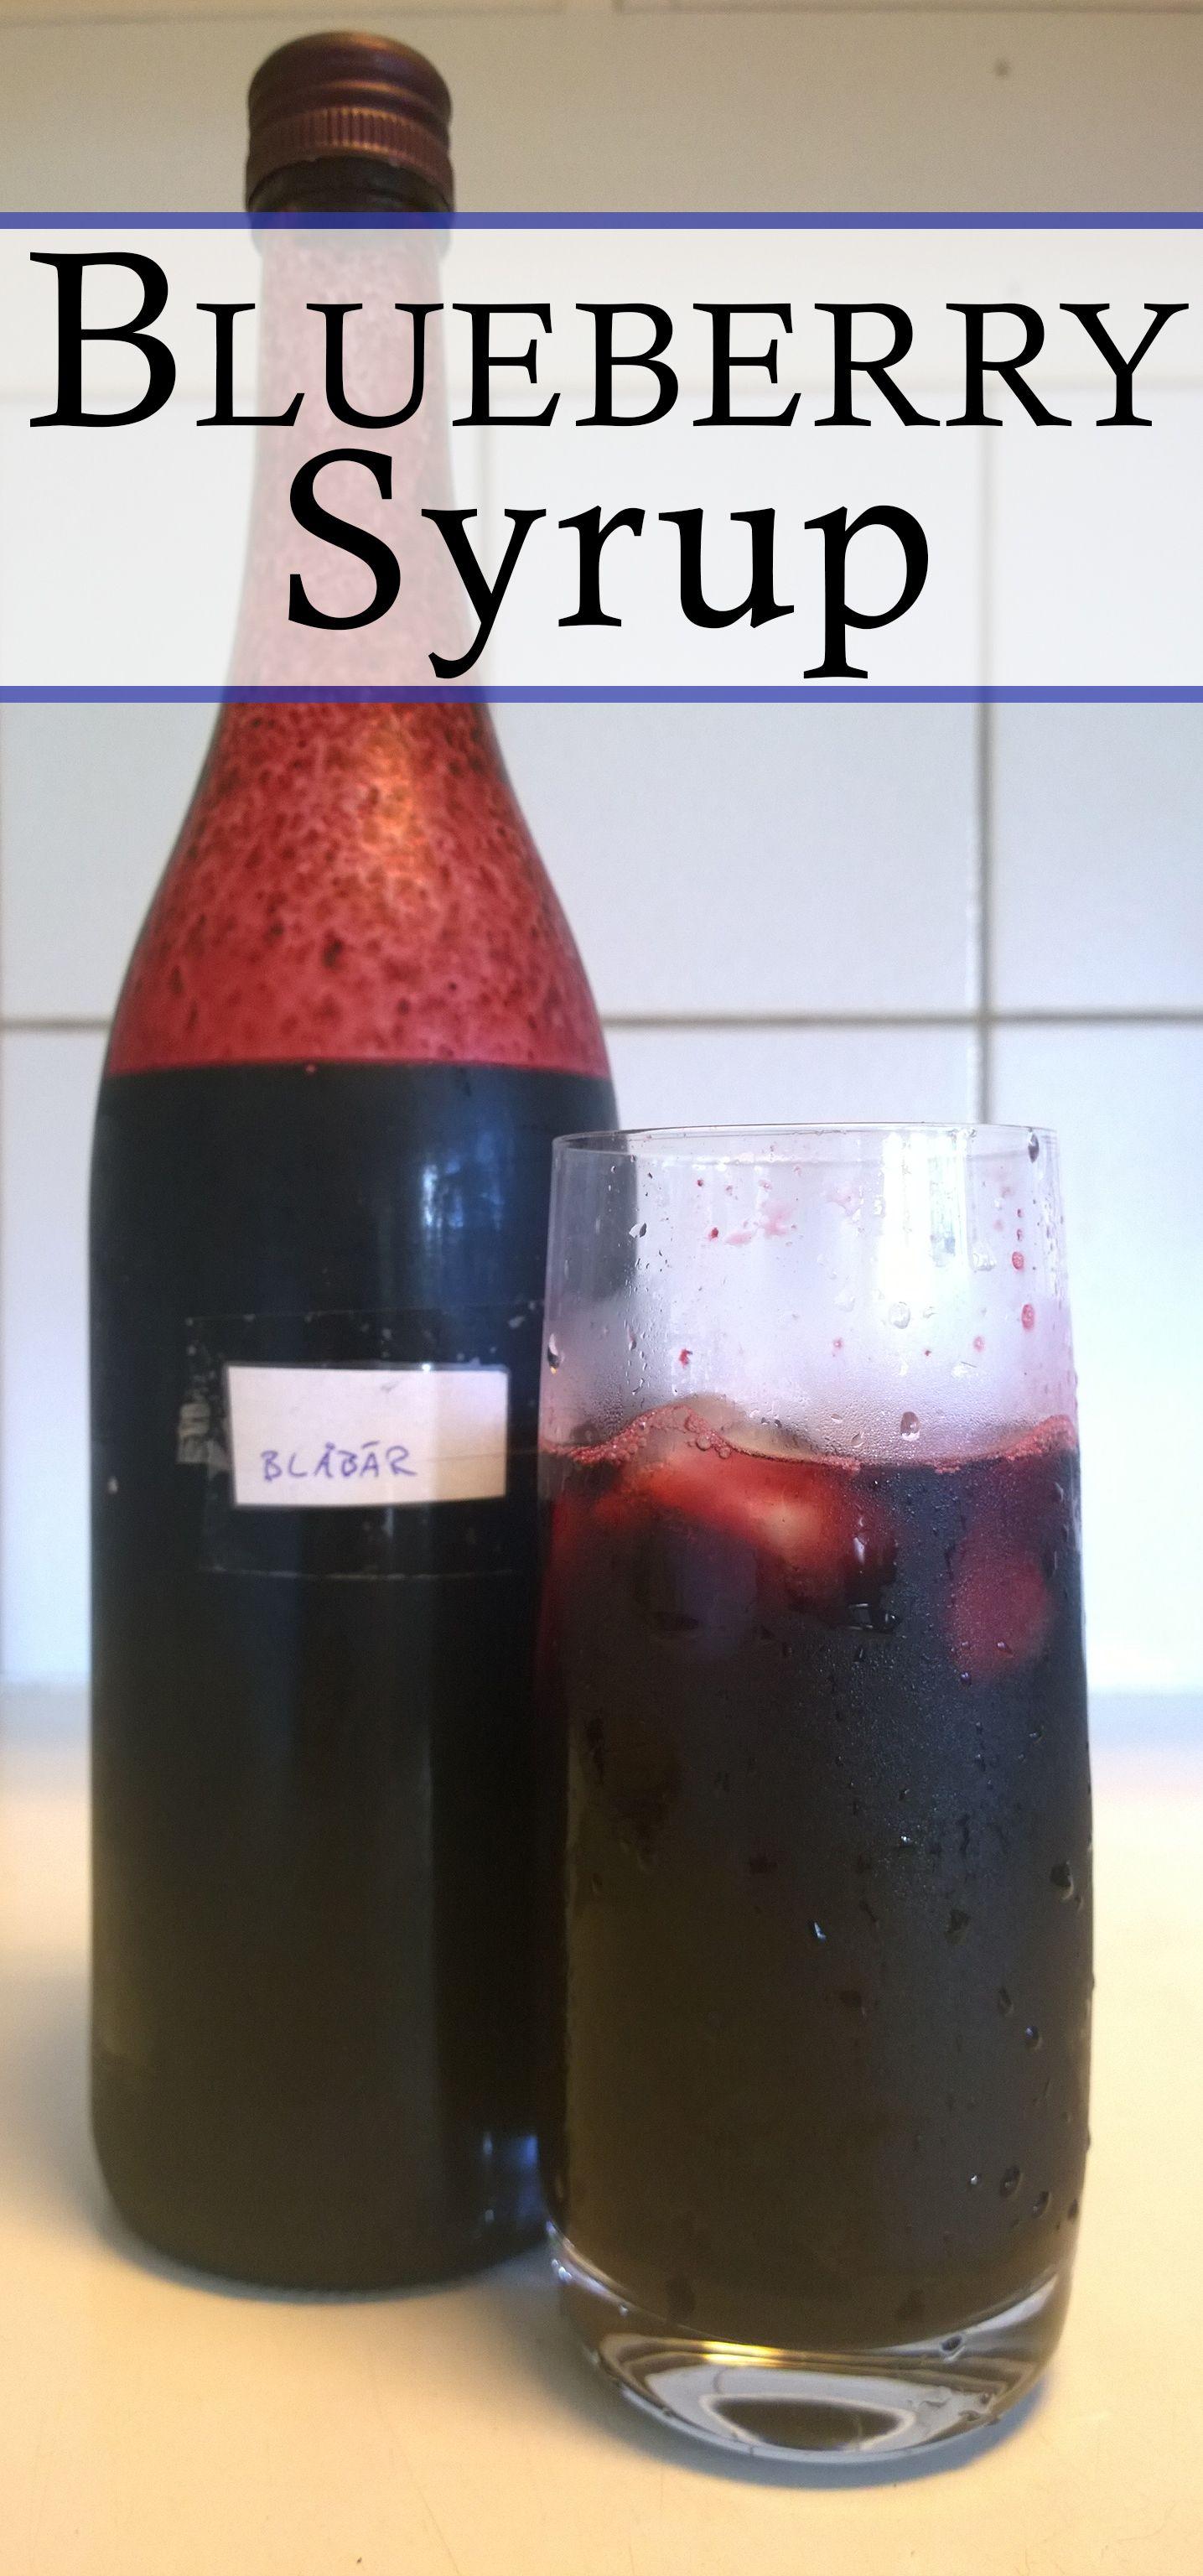 Blueberry syrup blueberry syrup blueberry how to make